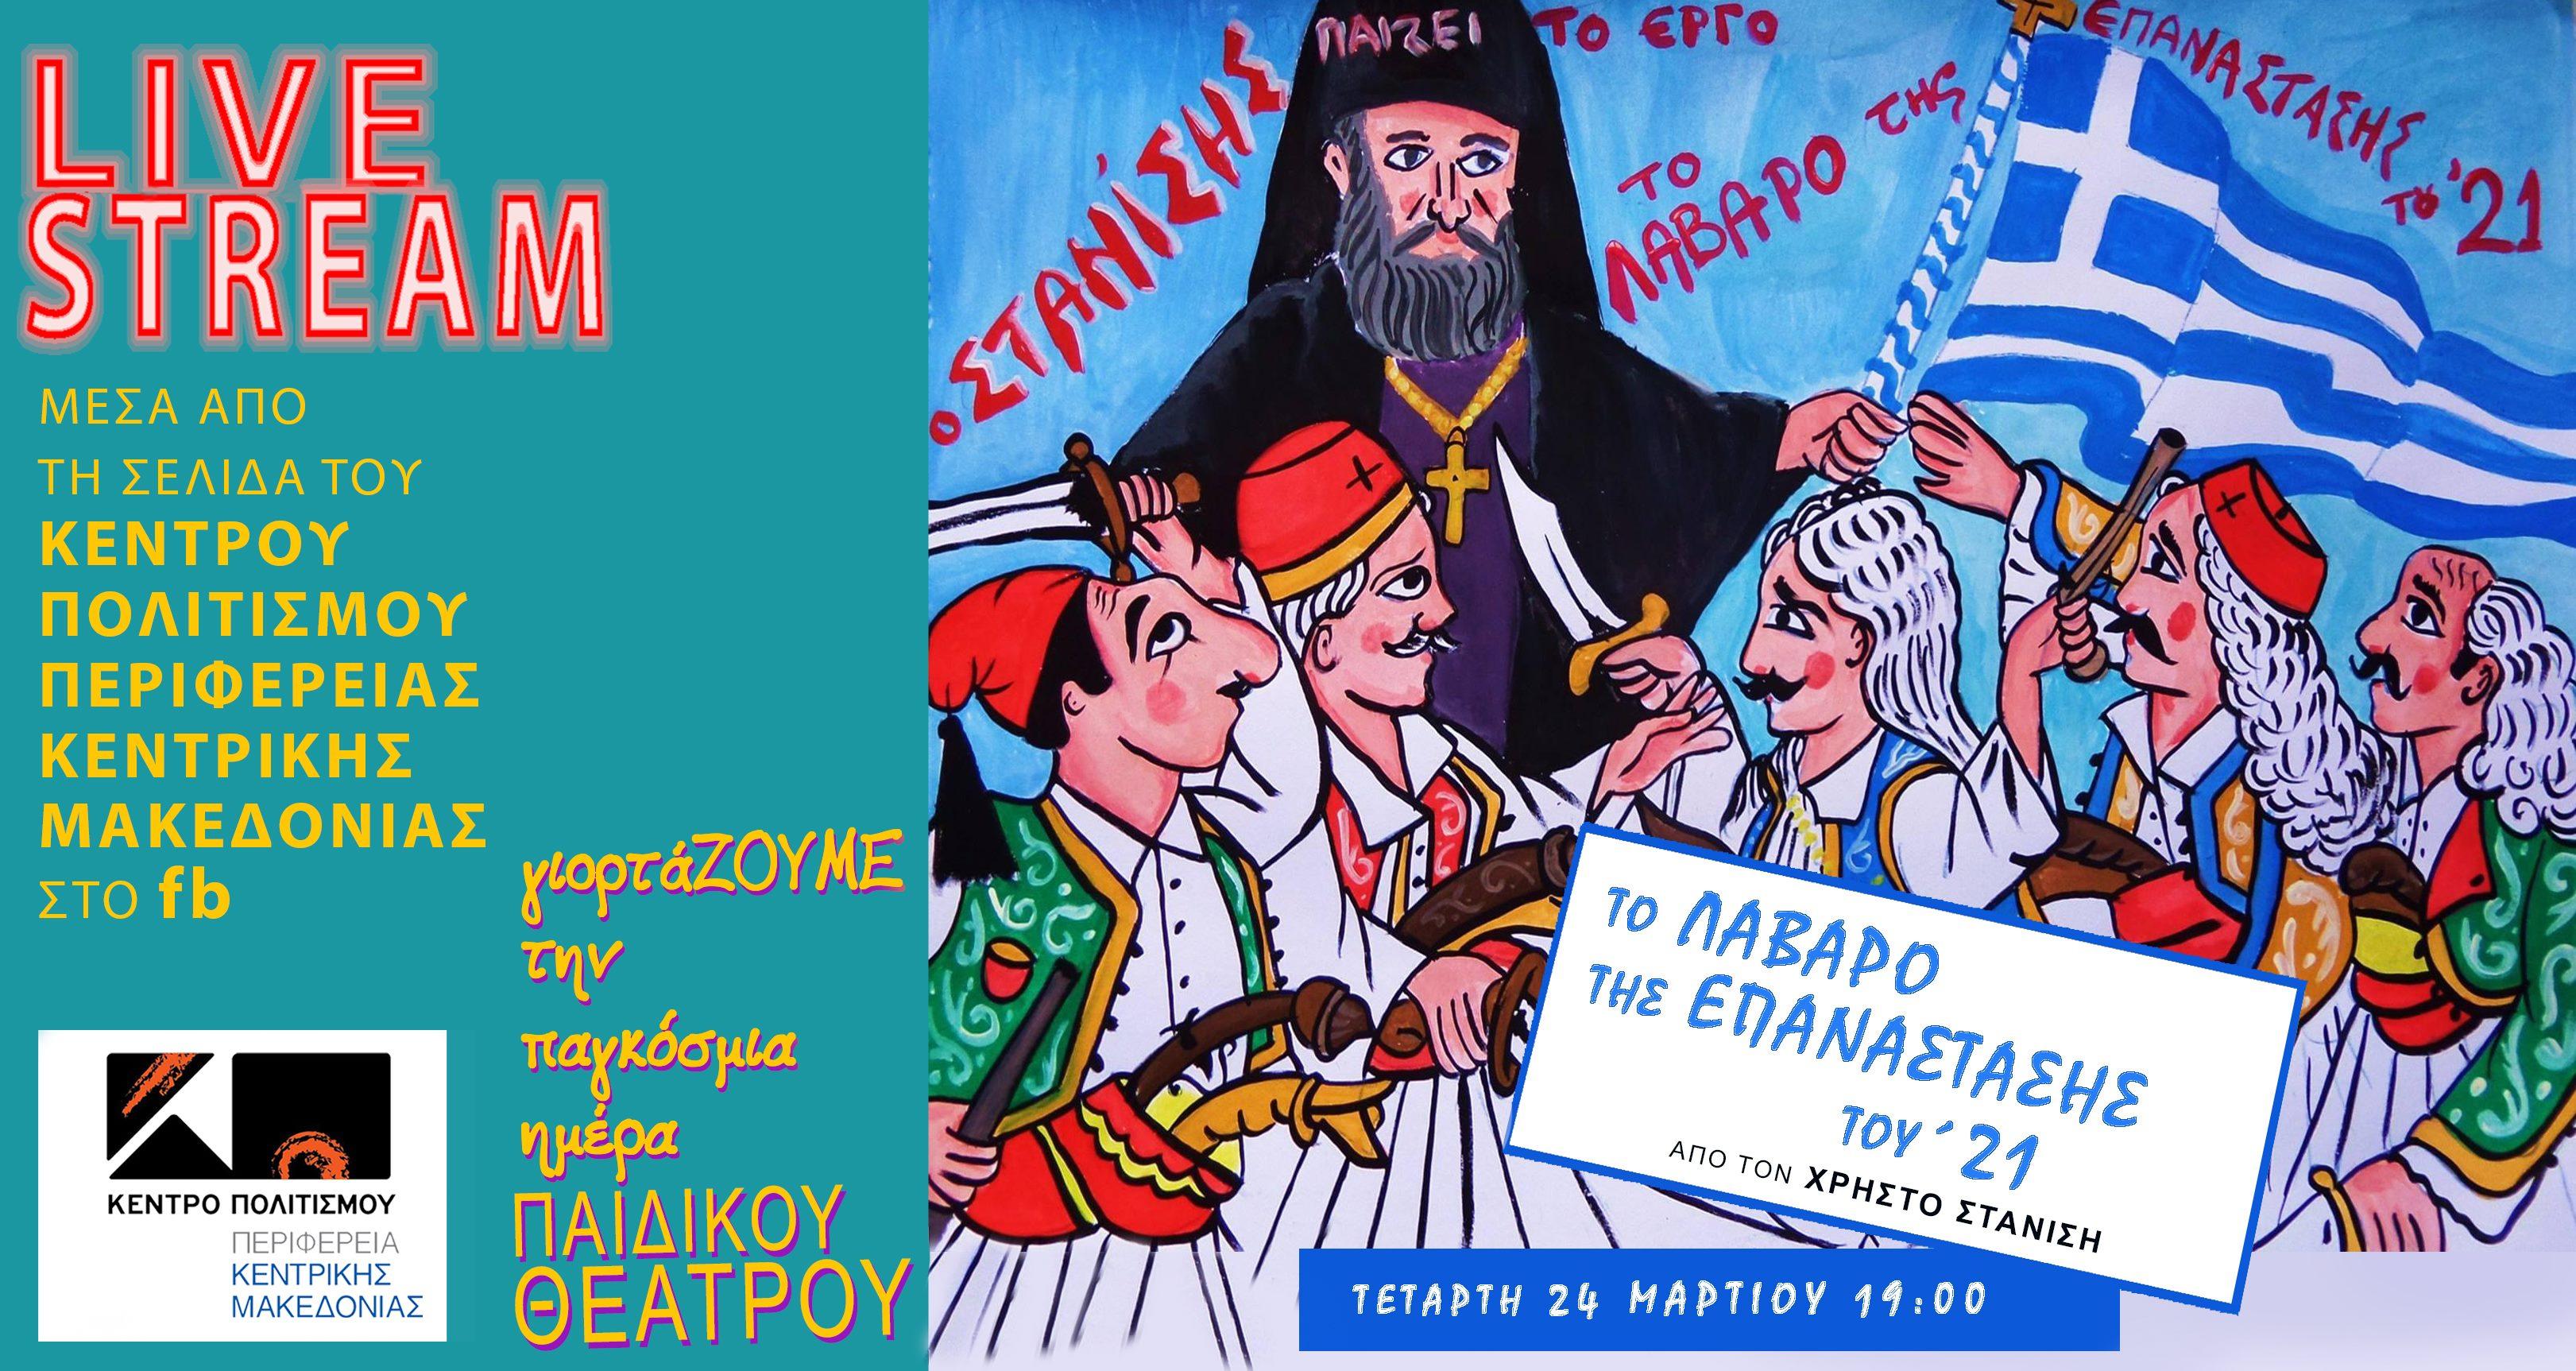 ΤΟ ΛΑΒΑΡΟ ΤΗΣ ΕΠΑΝΑΣΤΑΣΗΣ 24.3